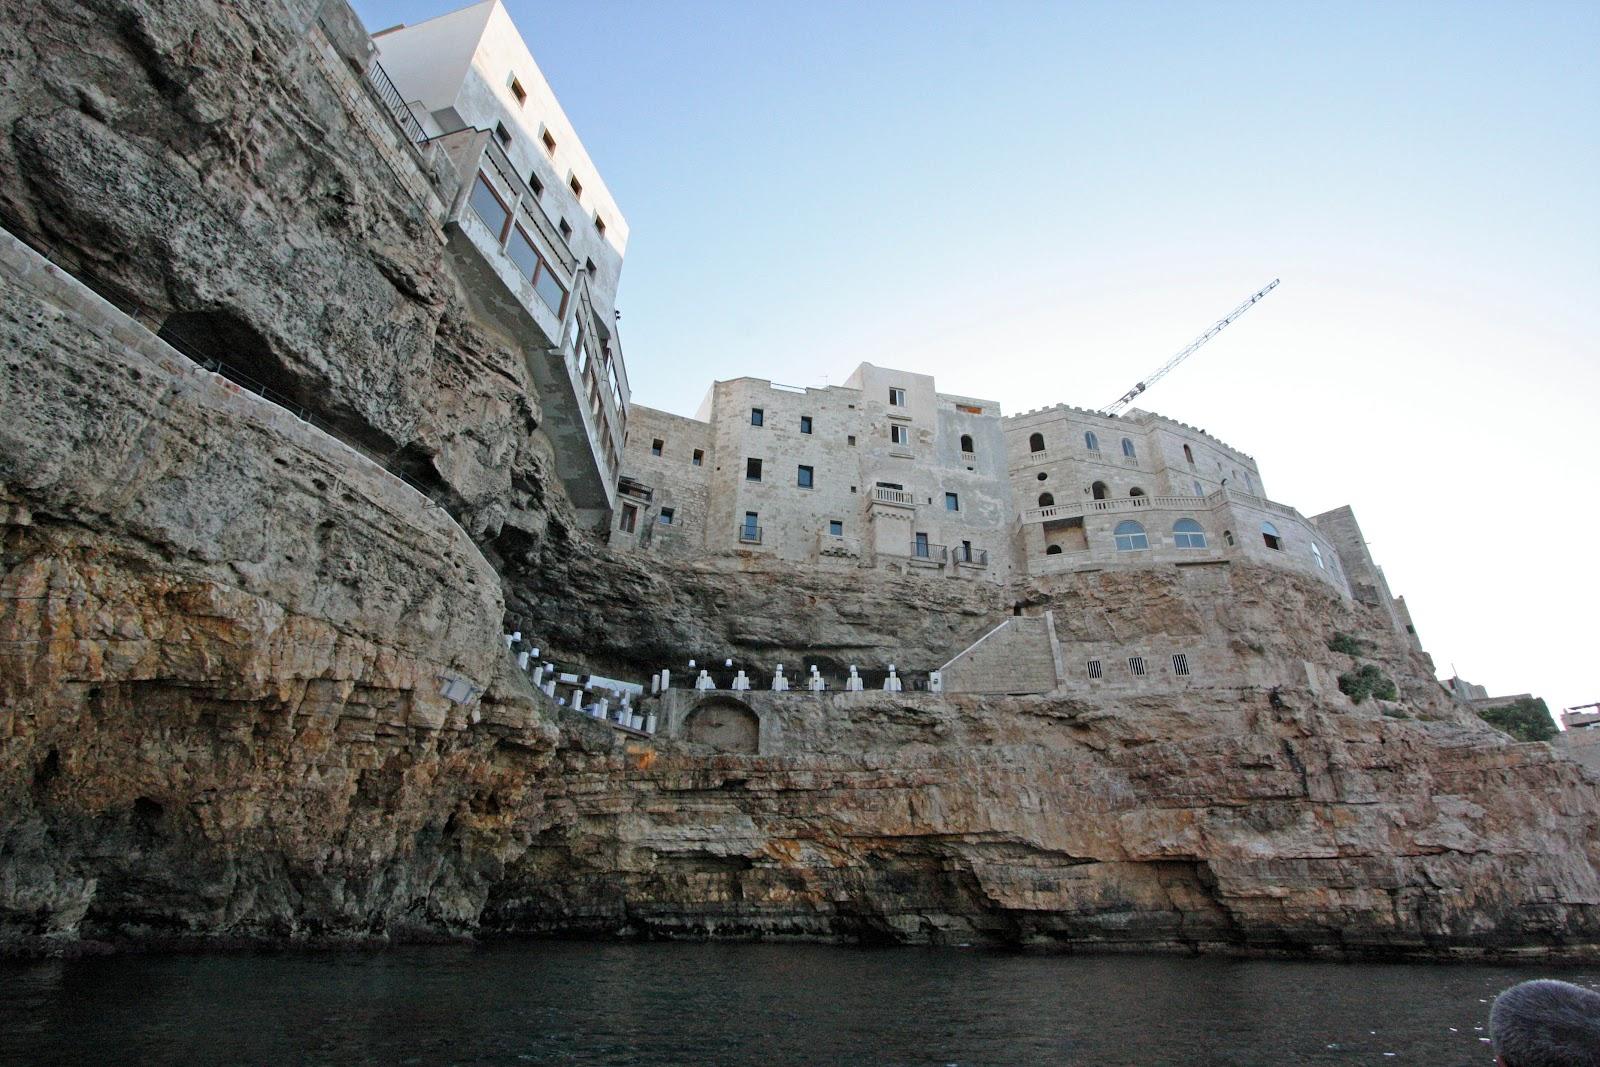 Hotel Ristorante Grotta Palazzese Polignano a Mare, Italy